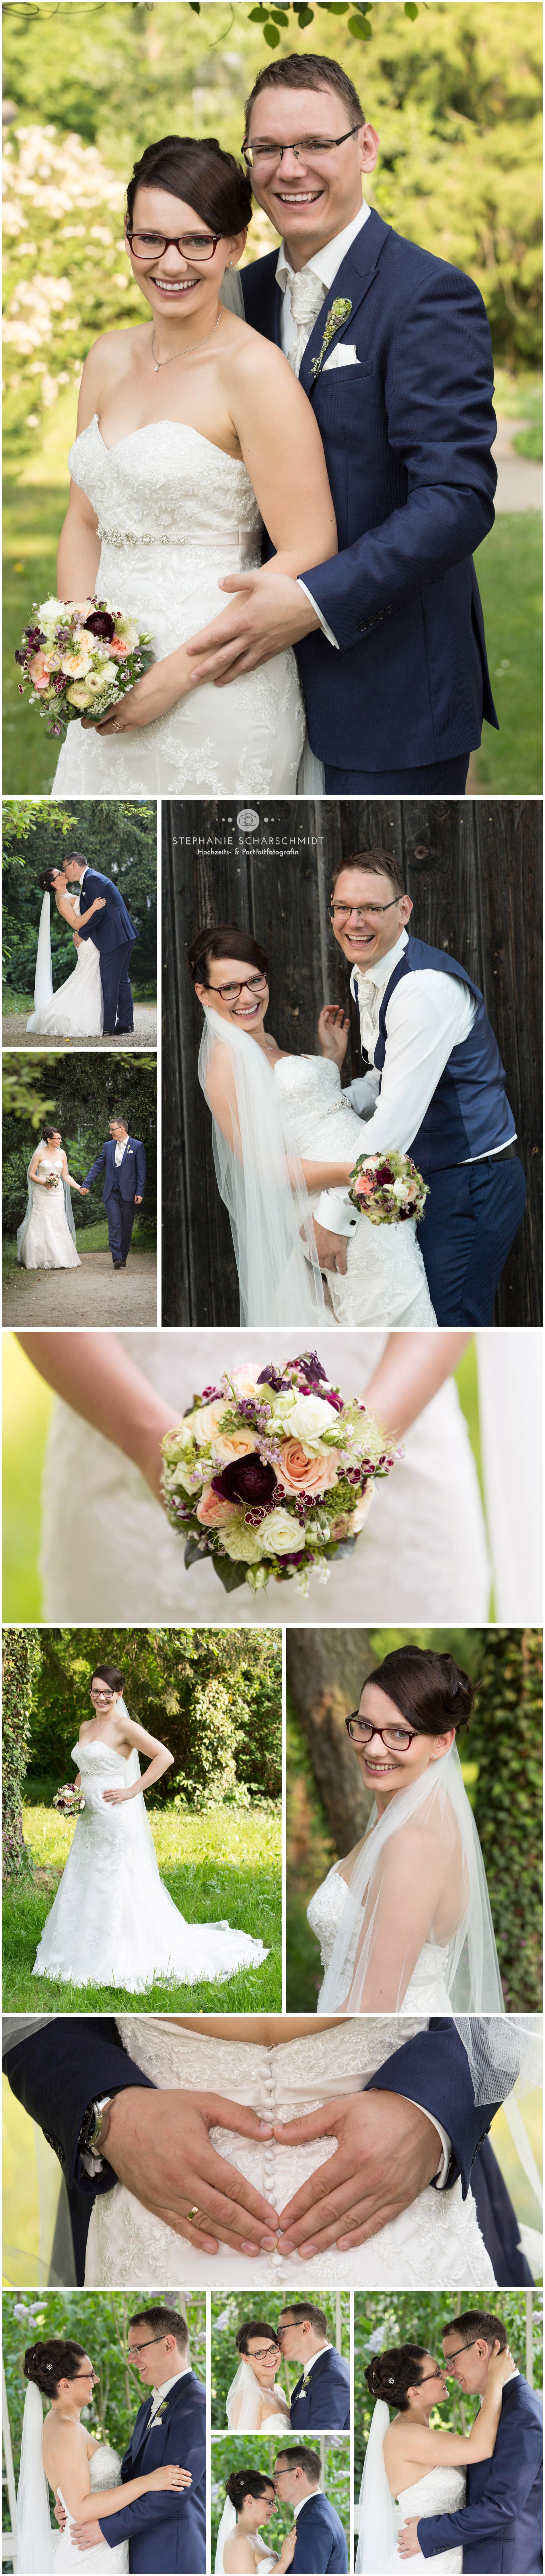 Hochzeitsfotograf Landkreis Zwickau – Hochzeitsfotograf Stephanie Scharschmidt